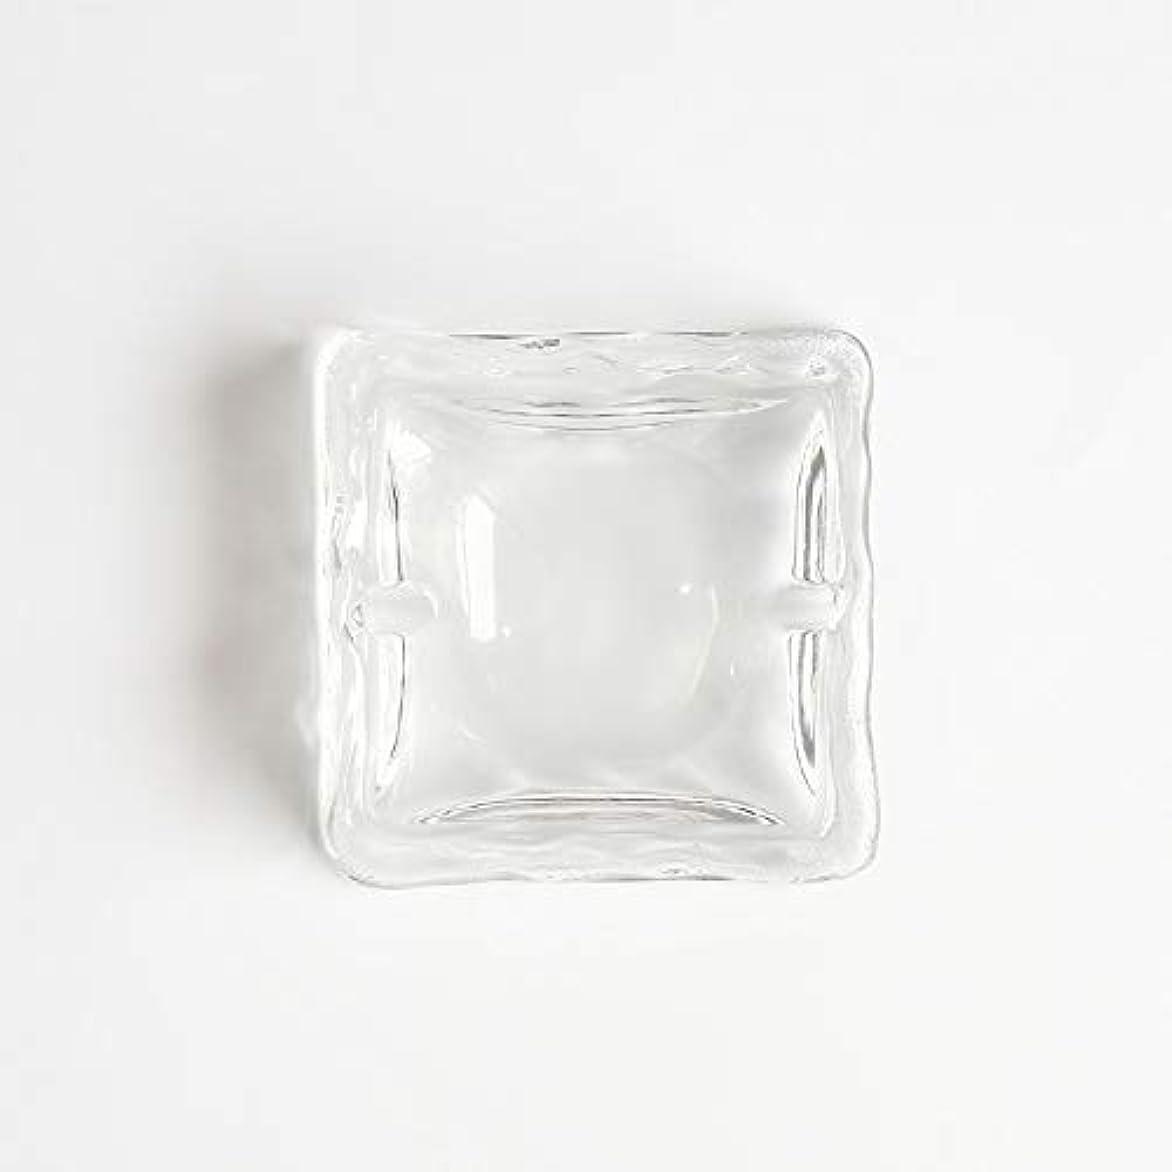 弱めるツール破裂クリエイティブ屋外セラミックス灰皿ホームオフィスの卓上美しい装飾工芸品 (色 : クリア)